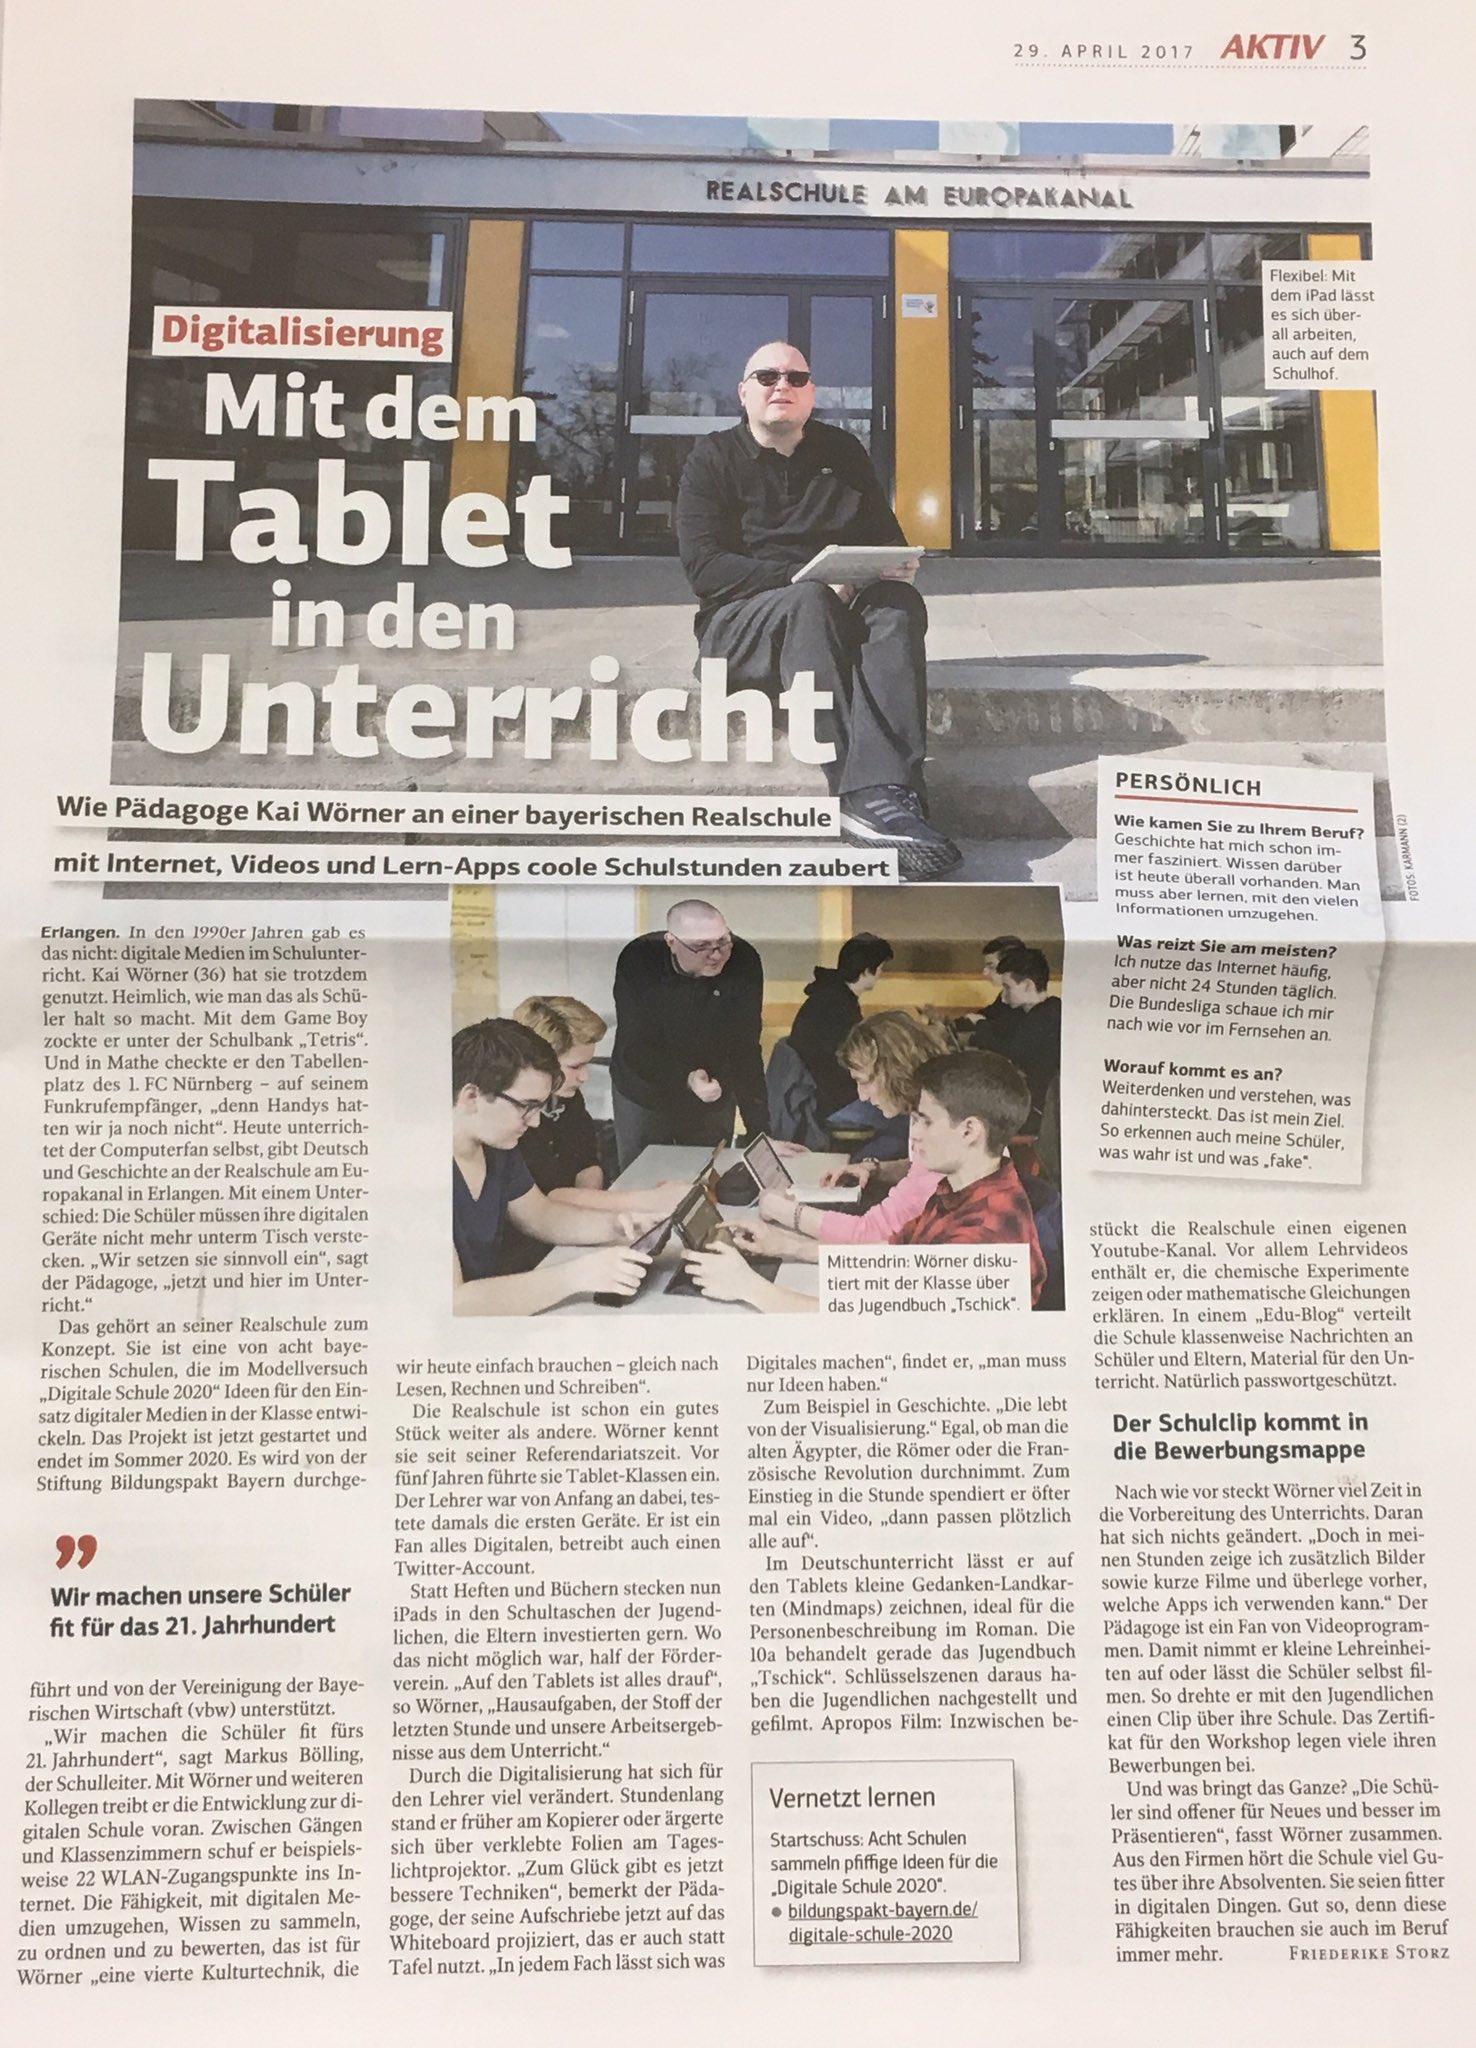 Danke an @AKTIVWirtschaft für den netten Artikel - #BayernEdu #Edupnx - #DigitaleBildung gemeinsam voranbringen 👍🏻 https://t.co/55WBkgU64N